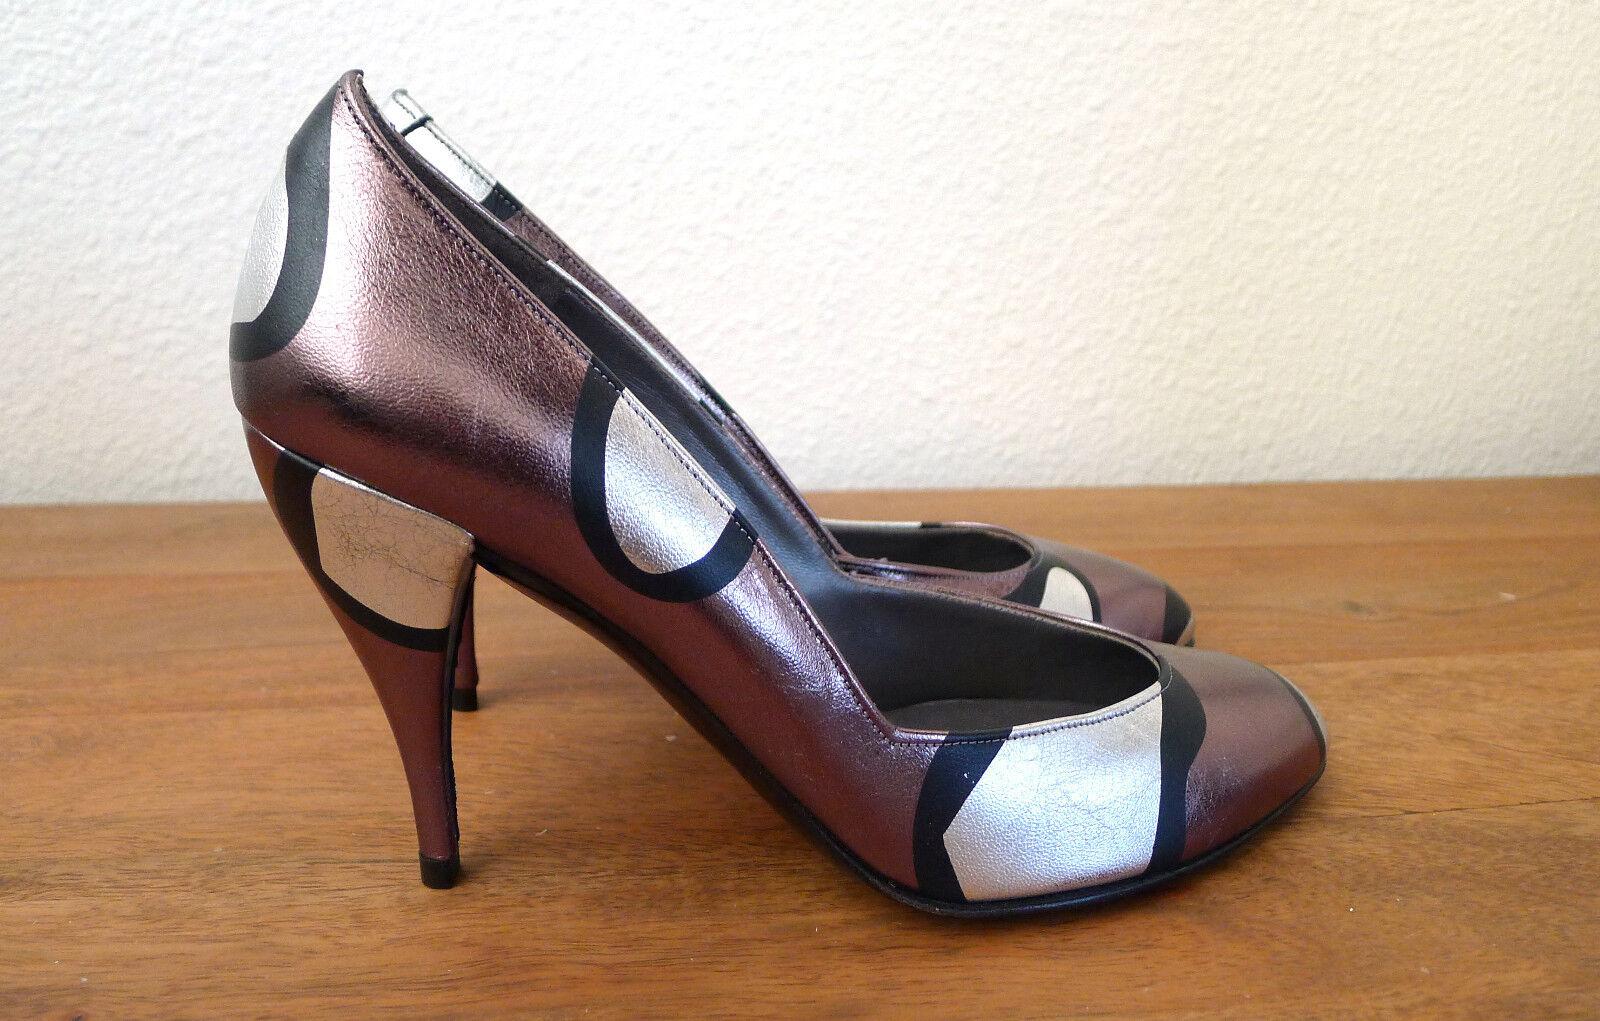 connotazione di lusso low-key Charles Jourdan Paris France Vintage Leather Heels Metallic New New New 1980s 7 37  scelte con prezzo basso